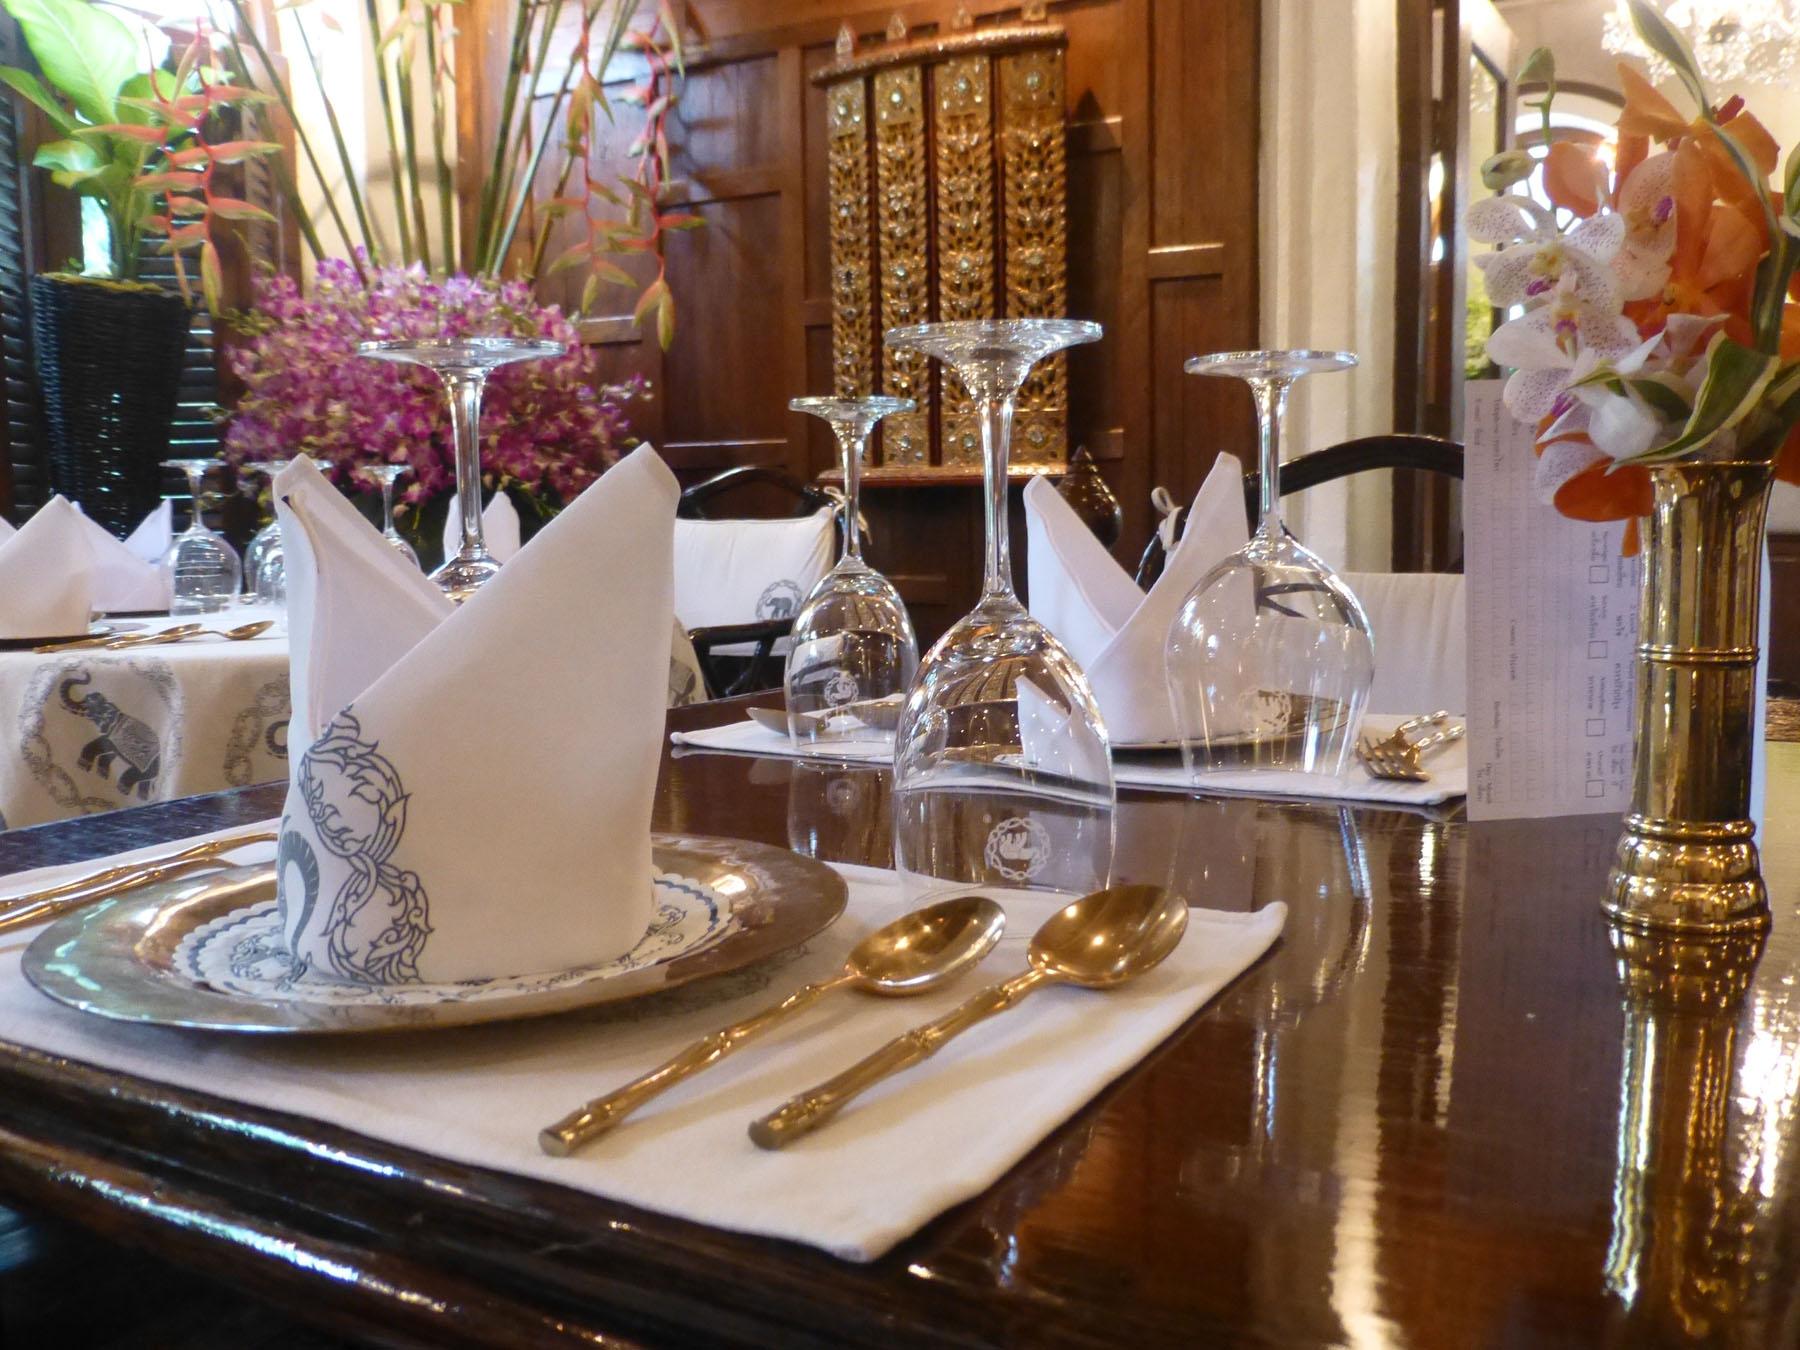 位於曼谷的藍象廚房,建築已有百年之久,一樓是古典開闊的用餐空間。想化身為泰菜料理大廚、讓人膜拜你的手藝道地?那就快來藍象廚房修煉廚藝。